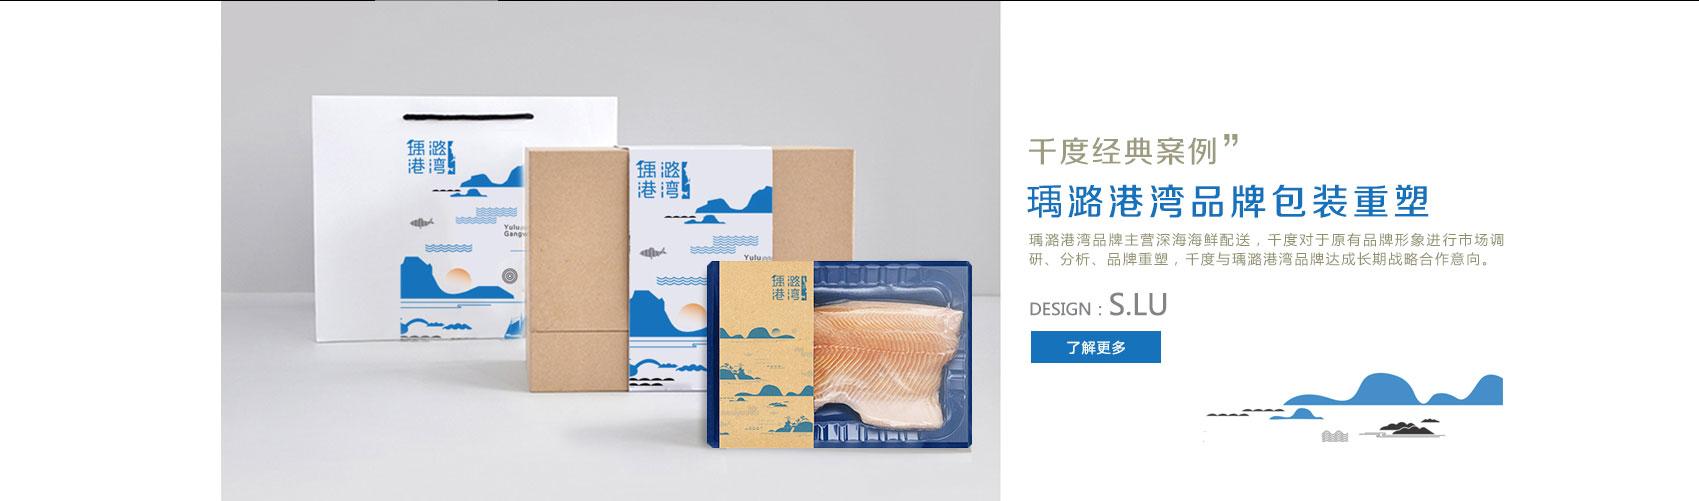 瑀潞港湾品牌包装